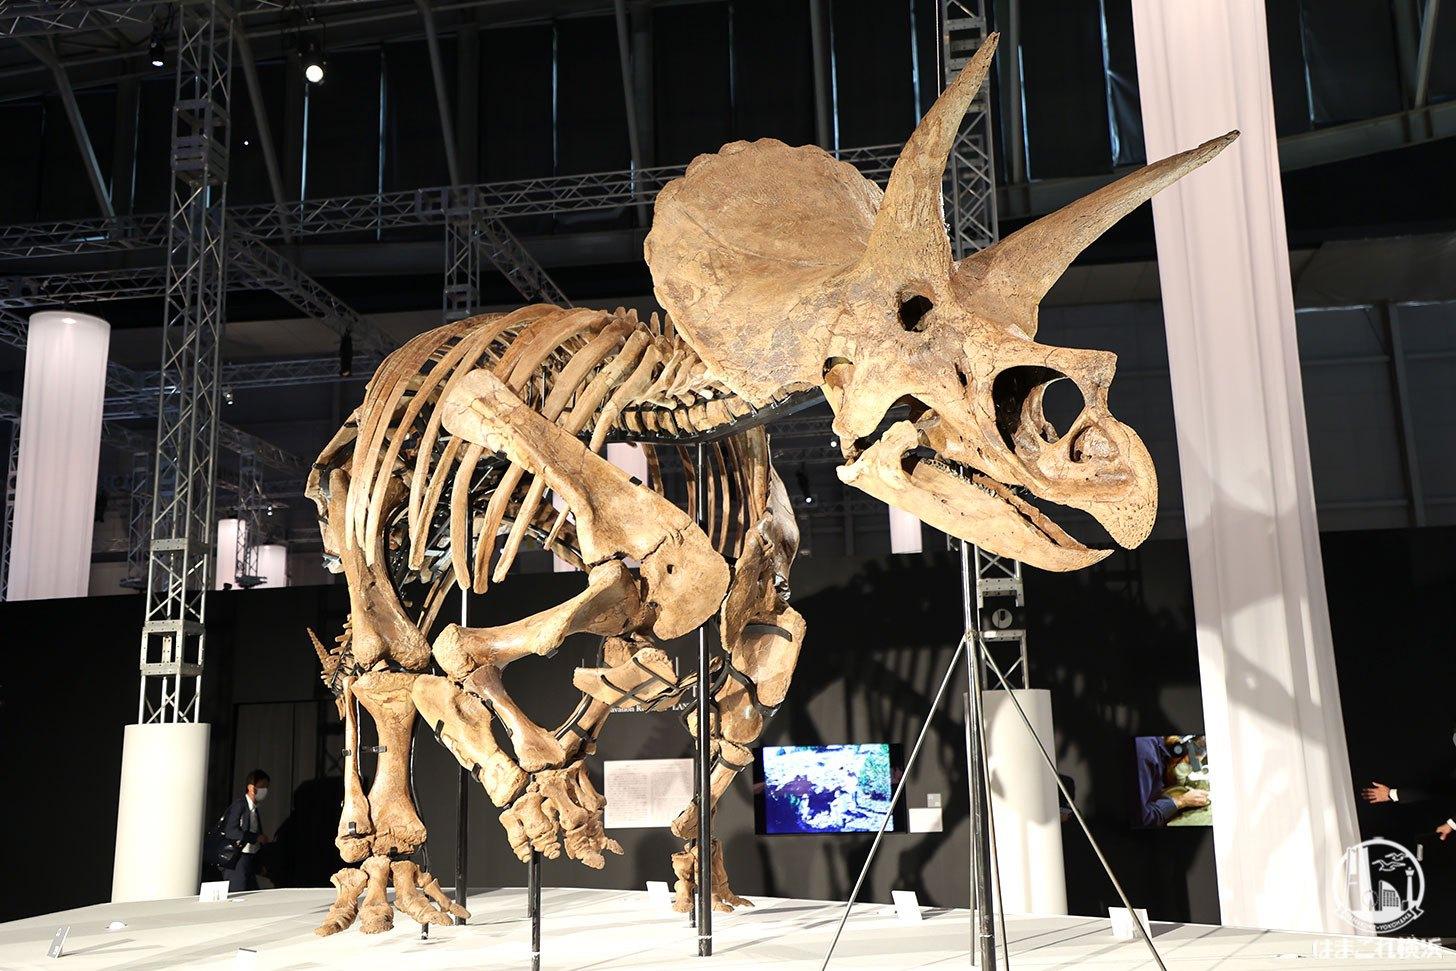 横浜「DinoScience 恐竜科学博」見どころ満載!トリケラトプス化石展示や大迫力映像体験など全貌レポ